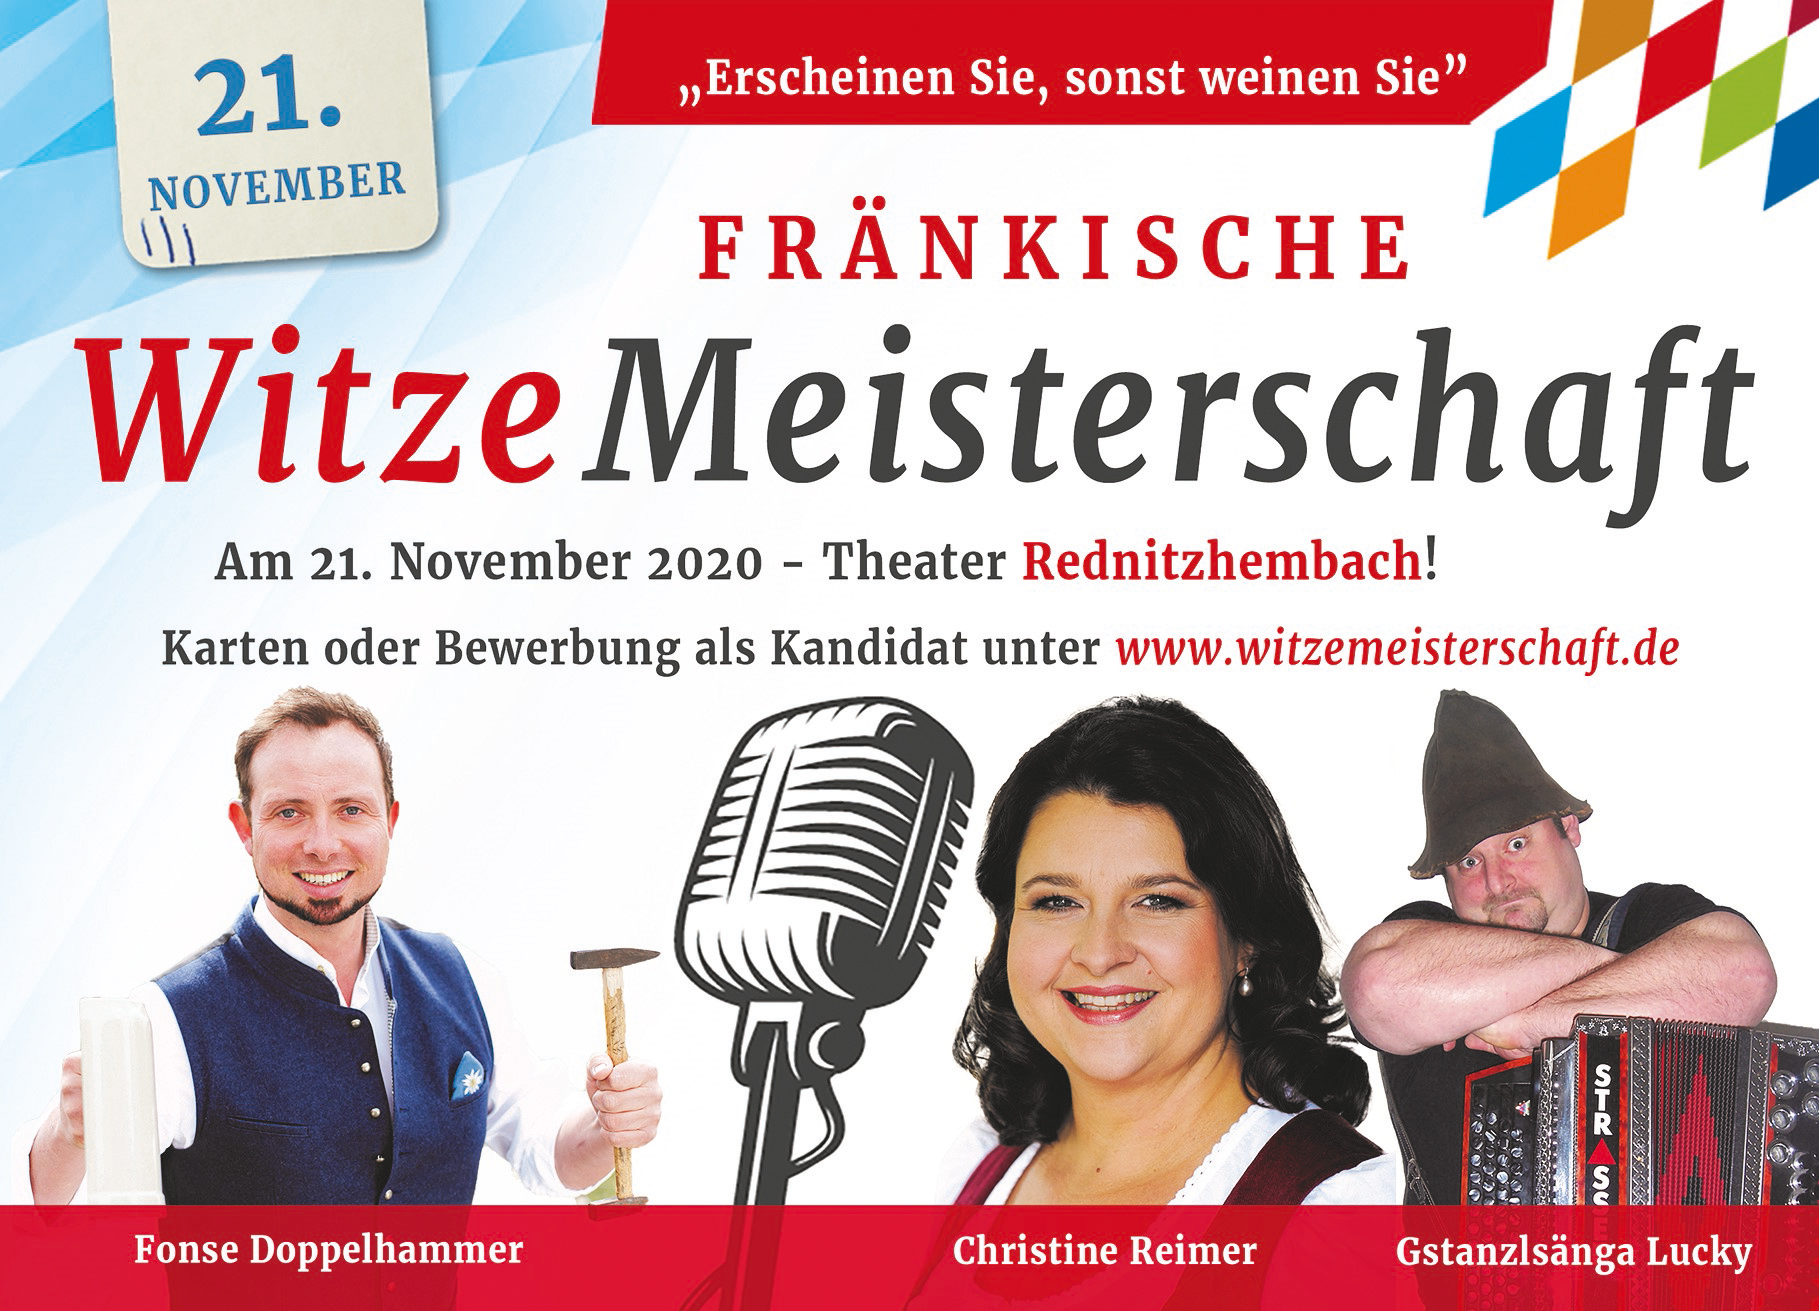 Witzemeisterschaft_Franken